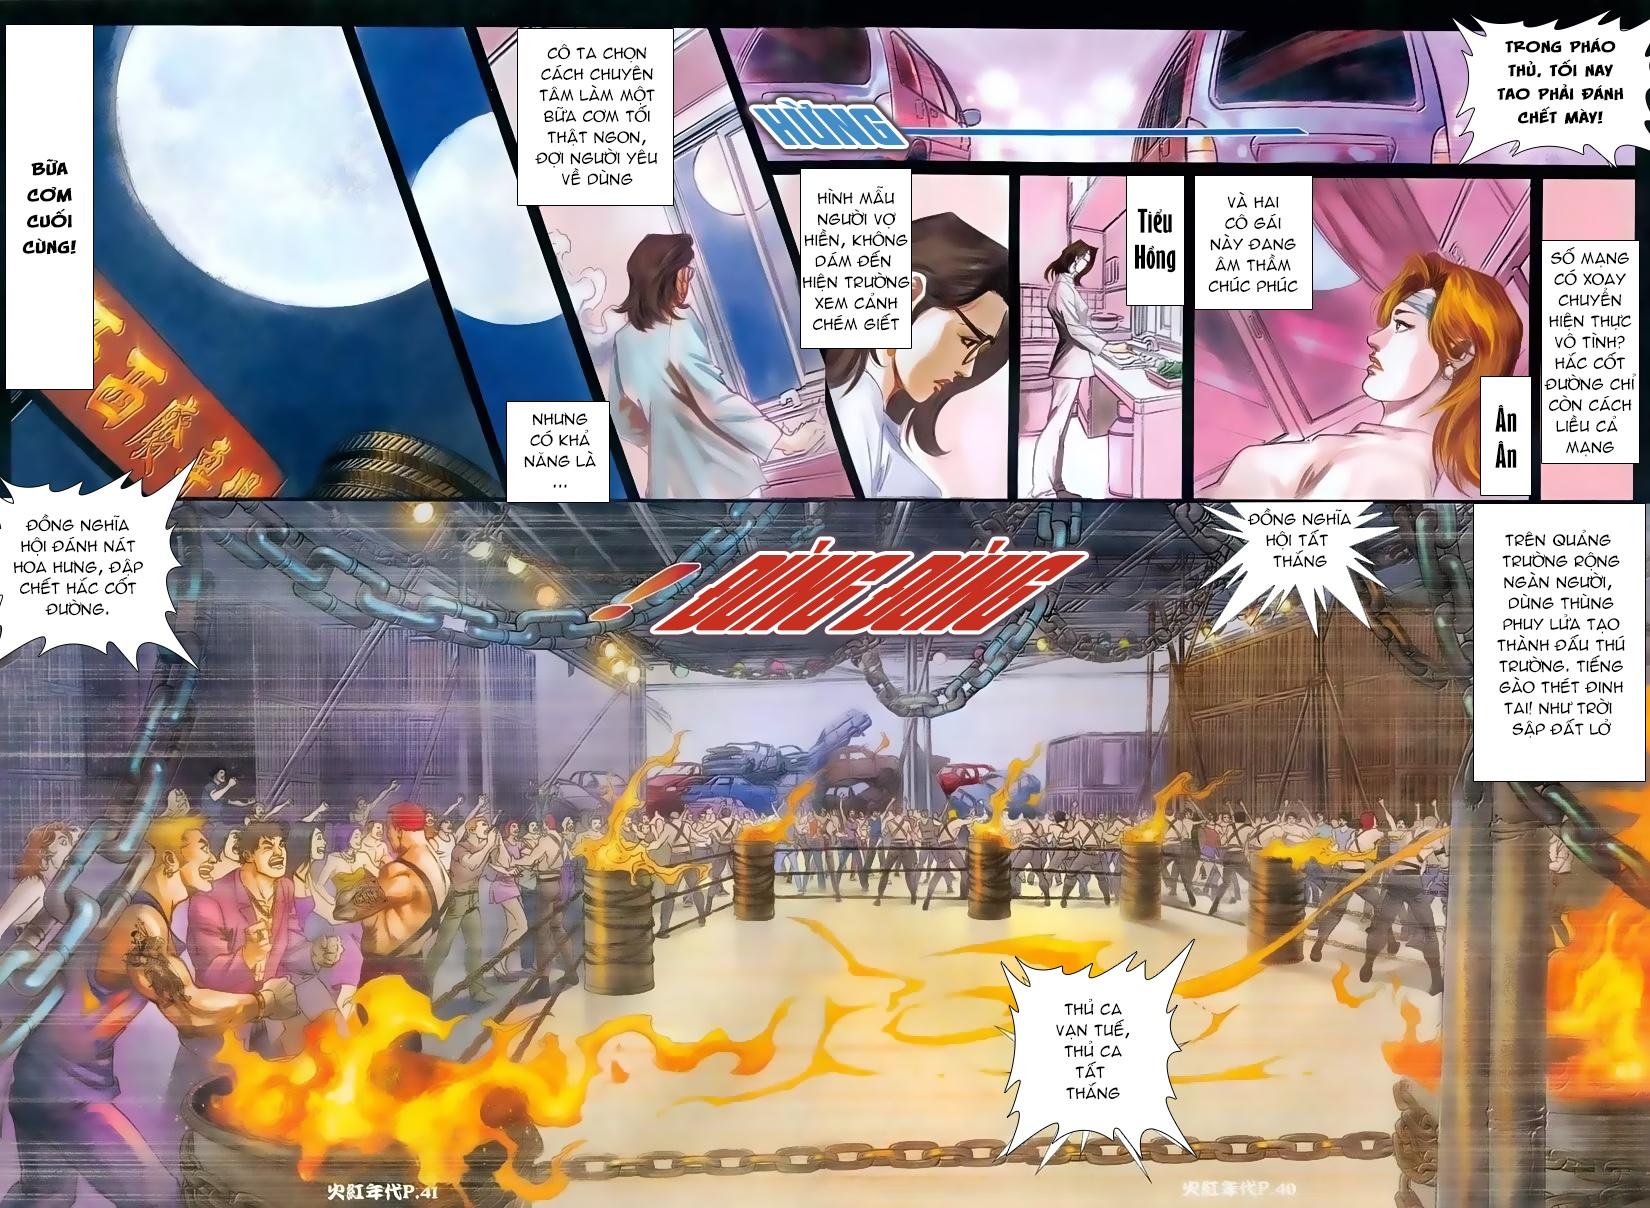 Hỏa Hồng Niên Đại Hắc Cốt Đường Chapter 79 - Hamtruyen.vn